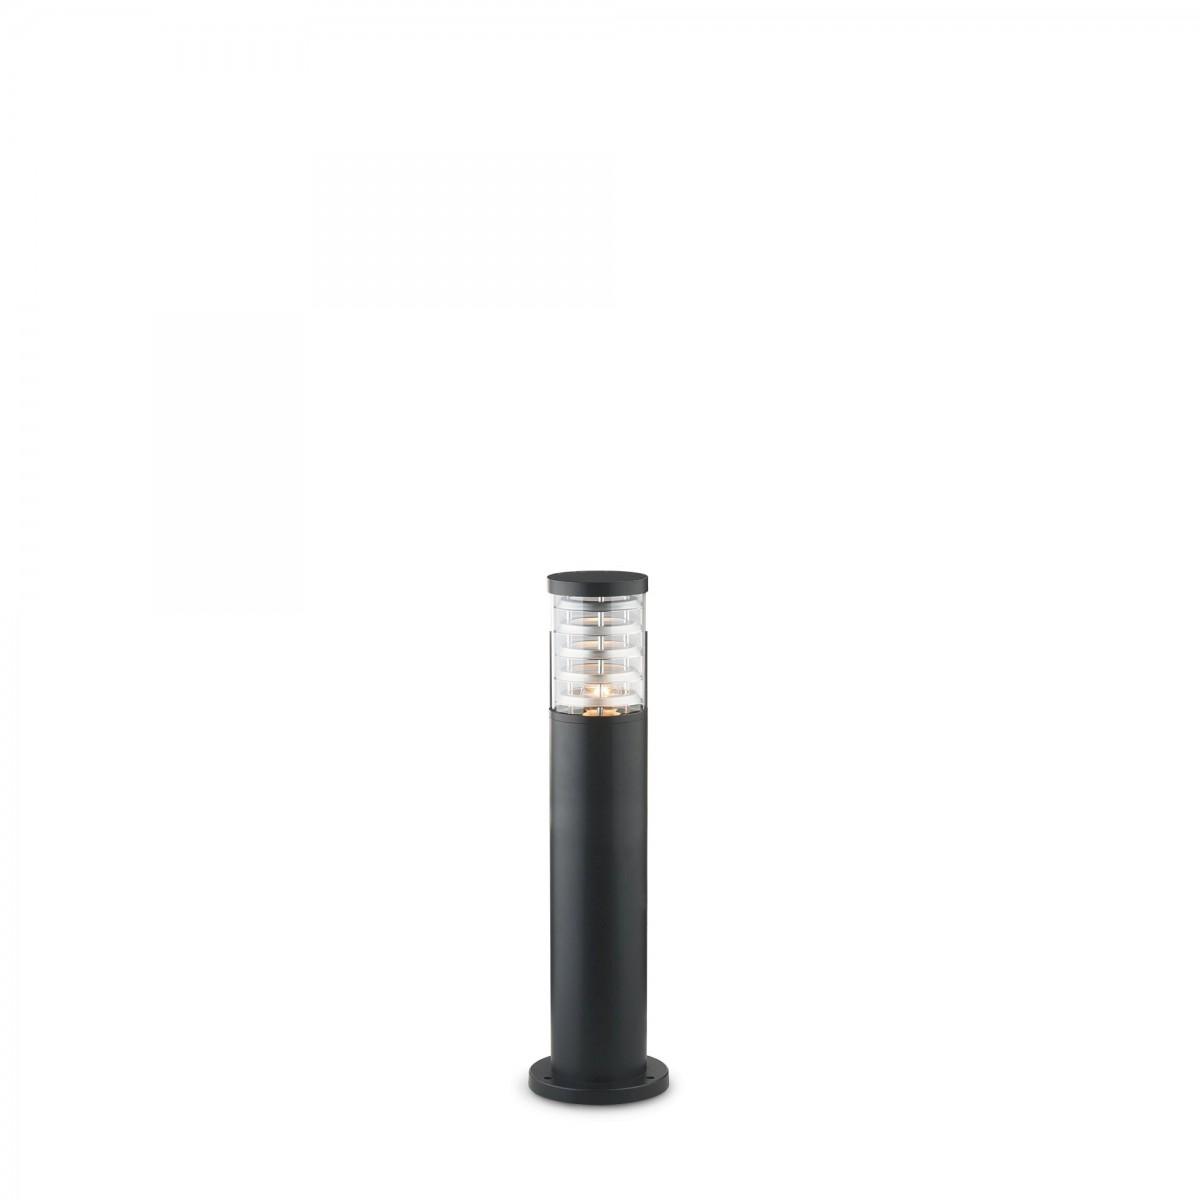 Ideal Lux 248295 venkovní sloupkové svítidlo Tronco 1x60W | E27 | IP54 - černé